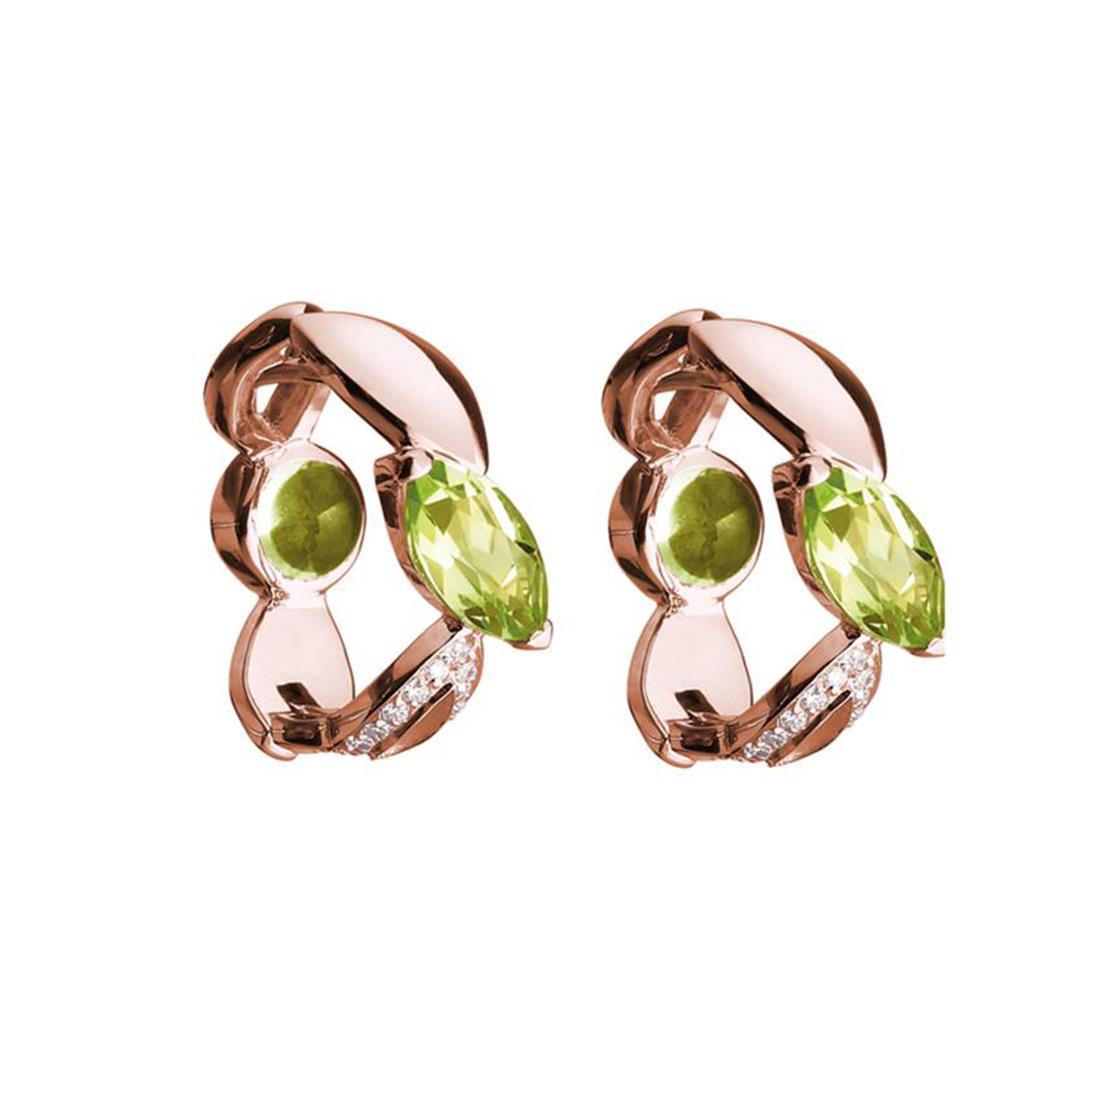 Orecchini creola in oro rosa con peridoto e diamanti  - ALFIERI & ST. JOHN